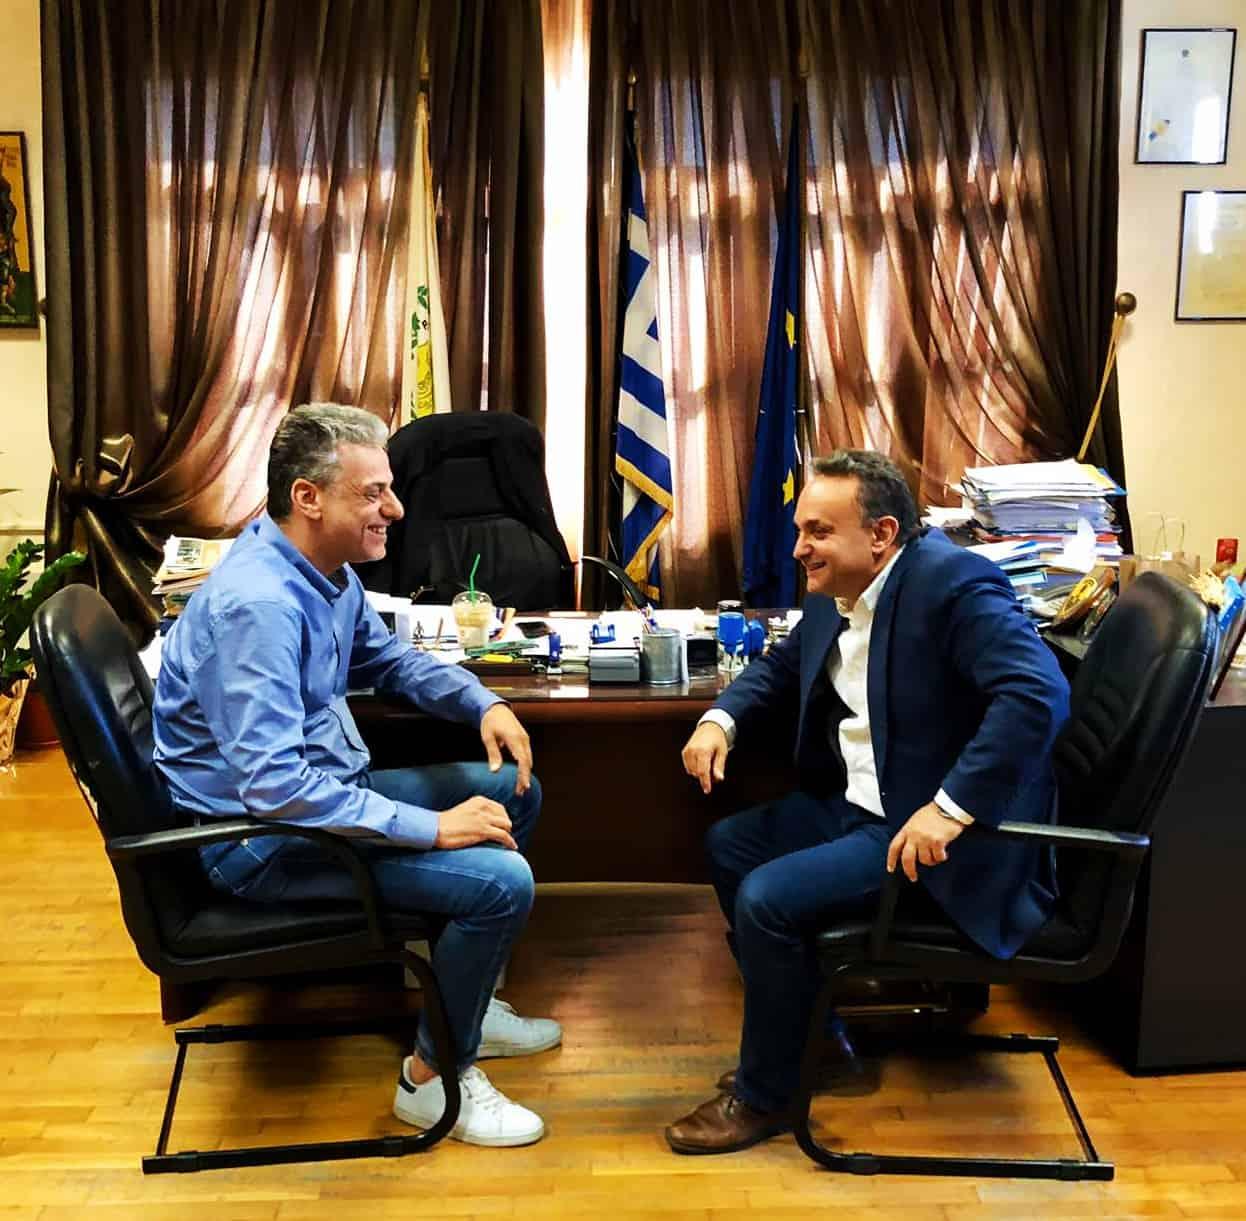 Συνάντηση εργασίας με το Δήμαρχο Ορεστιάδας 14-10-2019